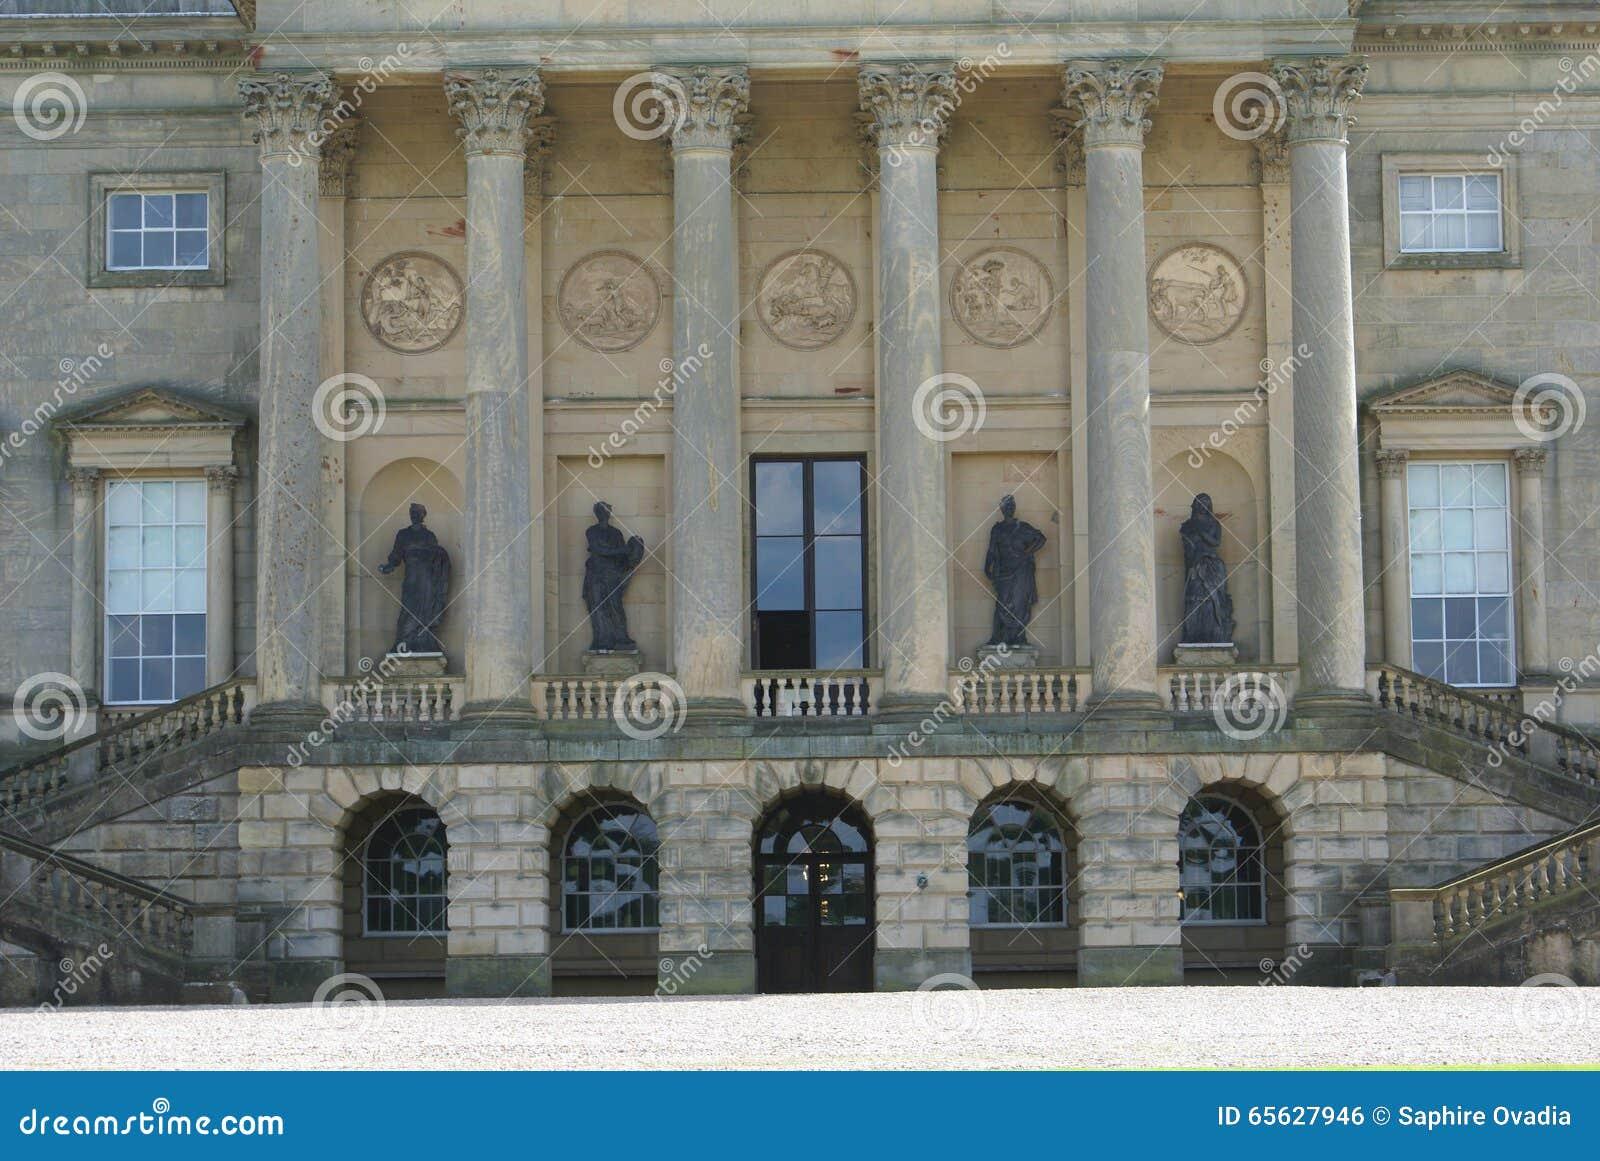 Façade sculptée fleurie avec des colonnes